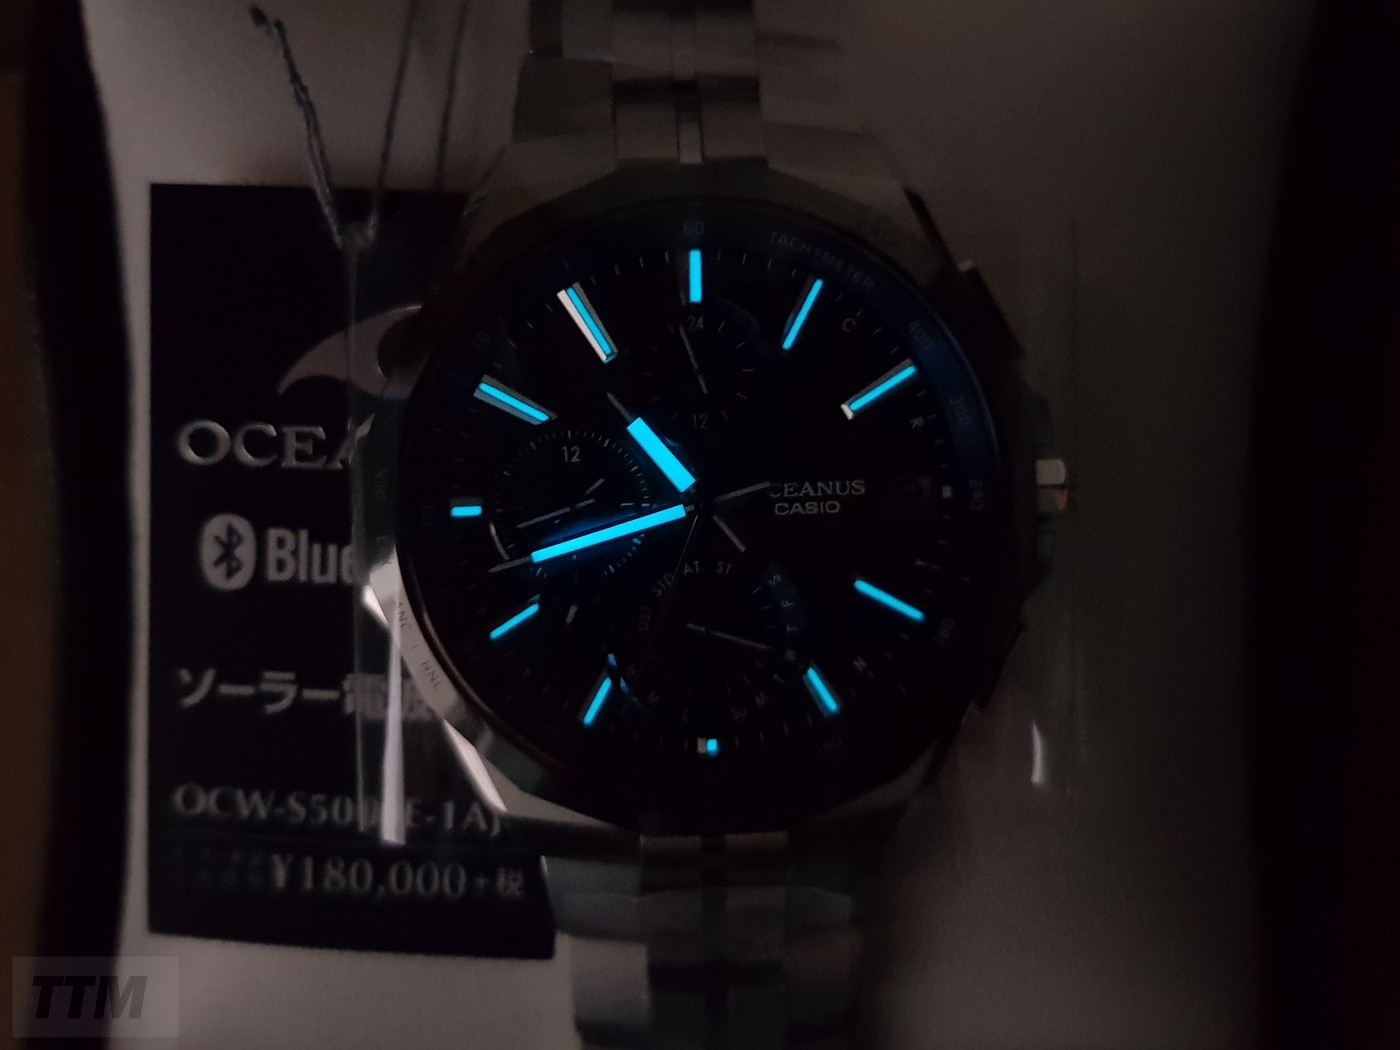 OCW-S5000E-1AJF_01